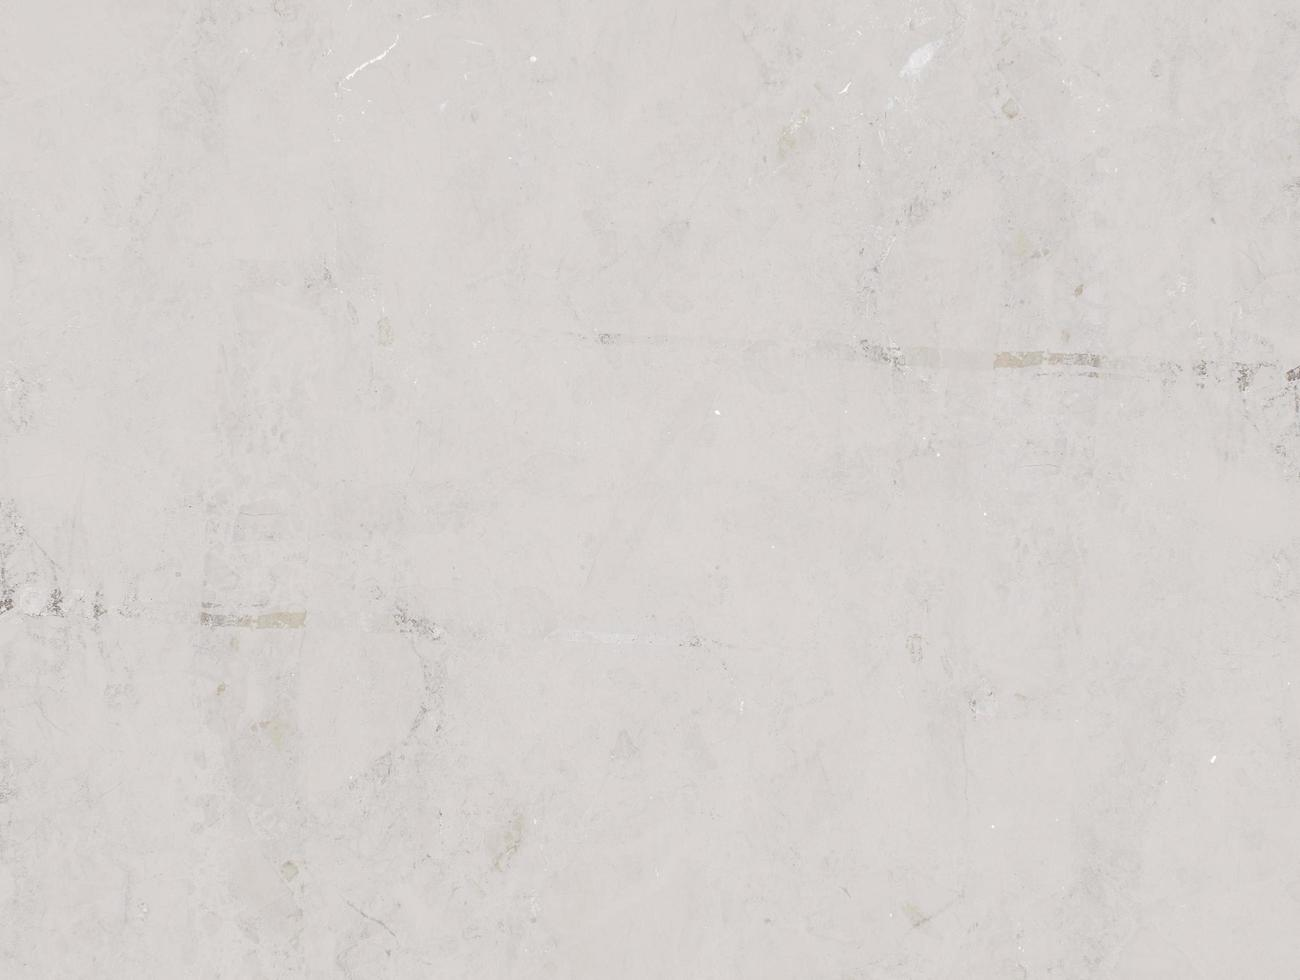 neutral sten textur bakgrund foto